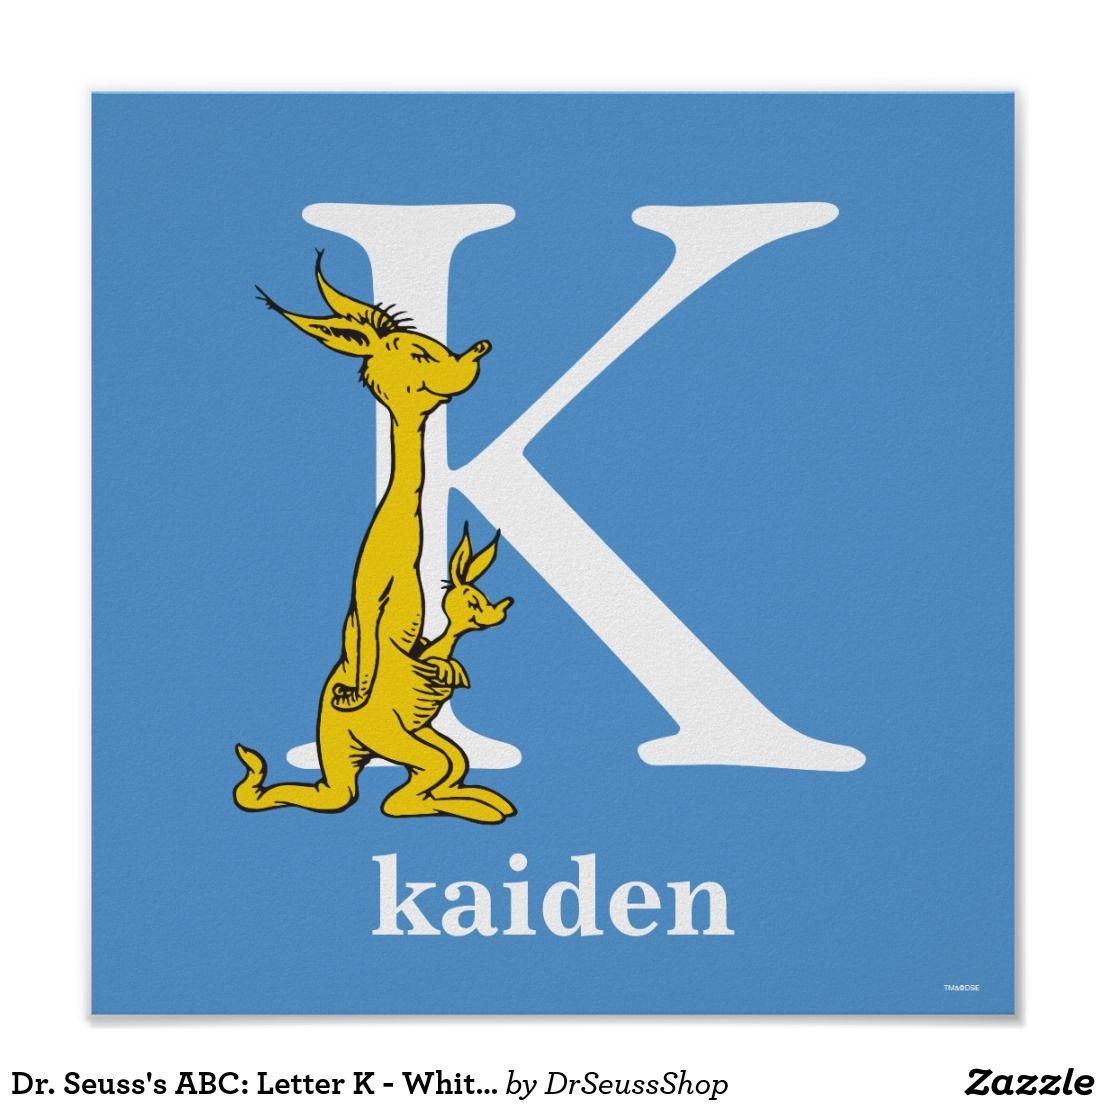 Dr. Seuss's ABC: Letter K - White